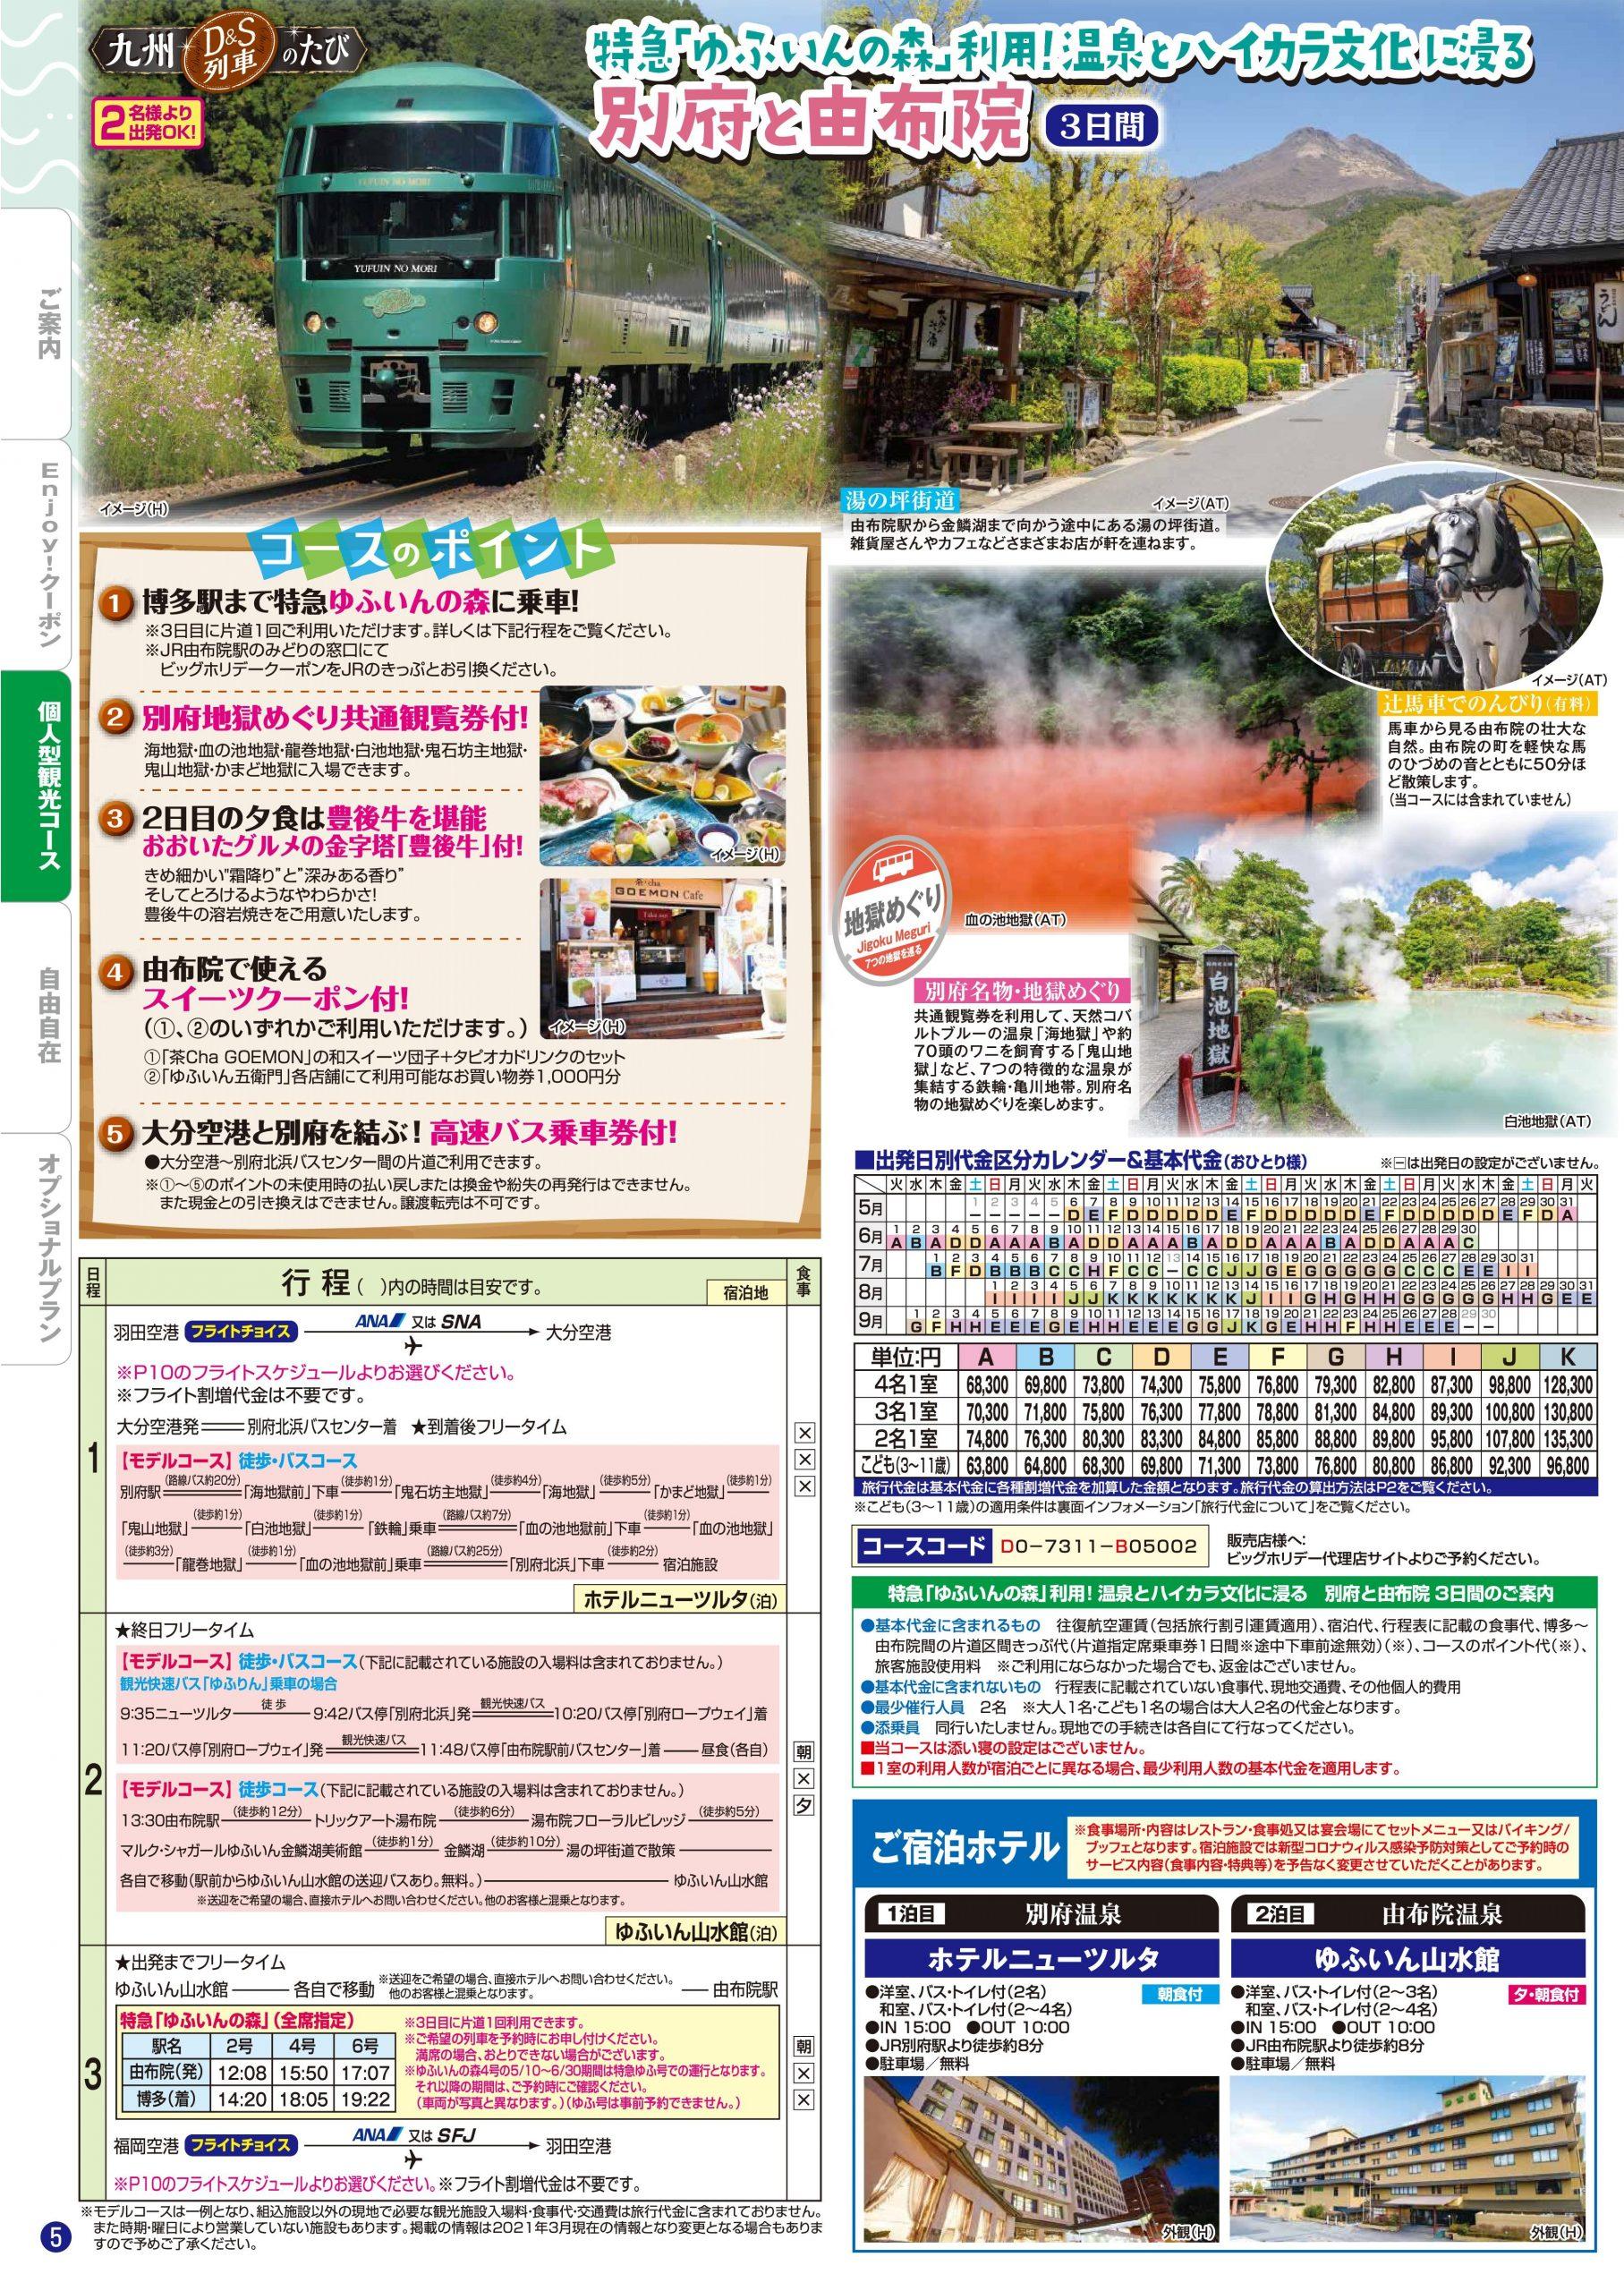 夏のおすすめツアー③九州(大分 別府と由布院/鹿児島・指宿と霧島)